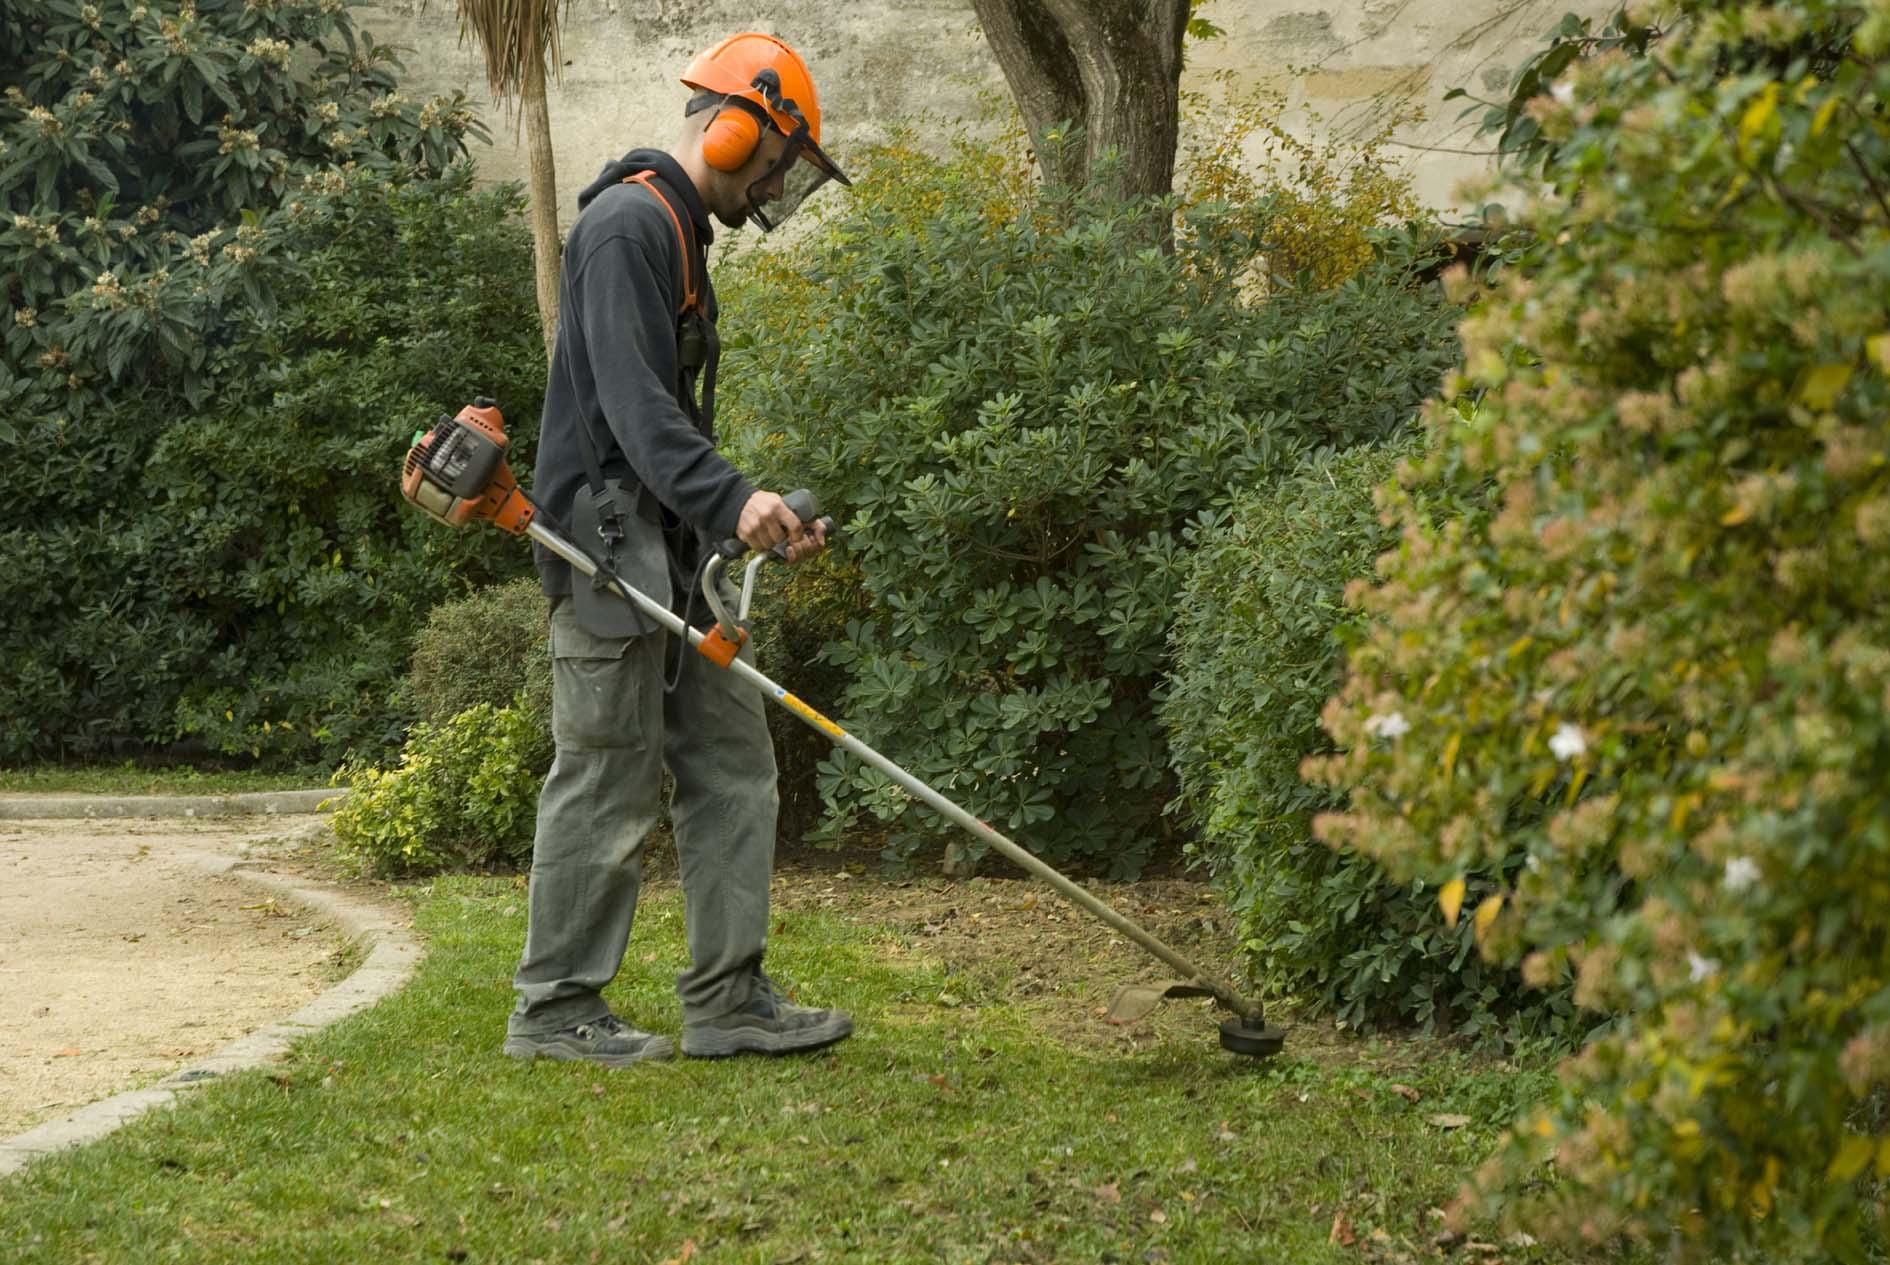 Certificat de technicien en jardins espaces verts ctjev for Chantier espace vert